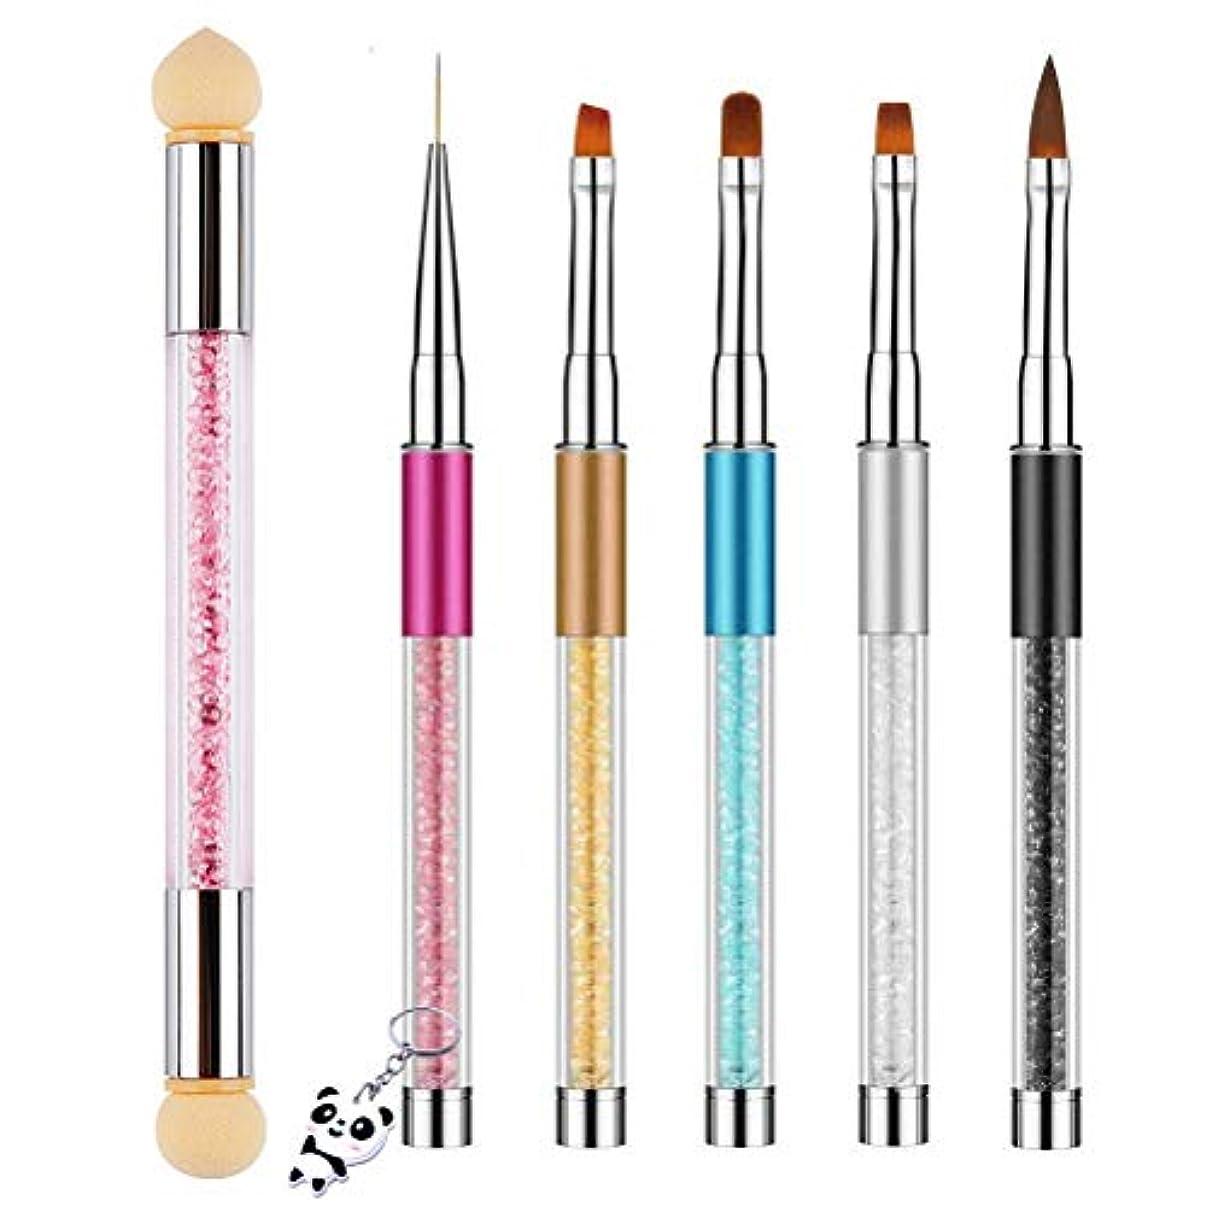 師匠剛性乱すAchy JP ネイルアートブラシ 6個セット ネールアートペン マニキュアツールキット UV用 ネイルツール ネイル用品